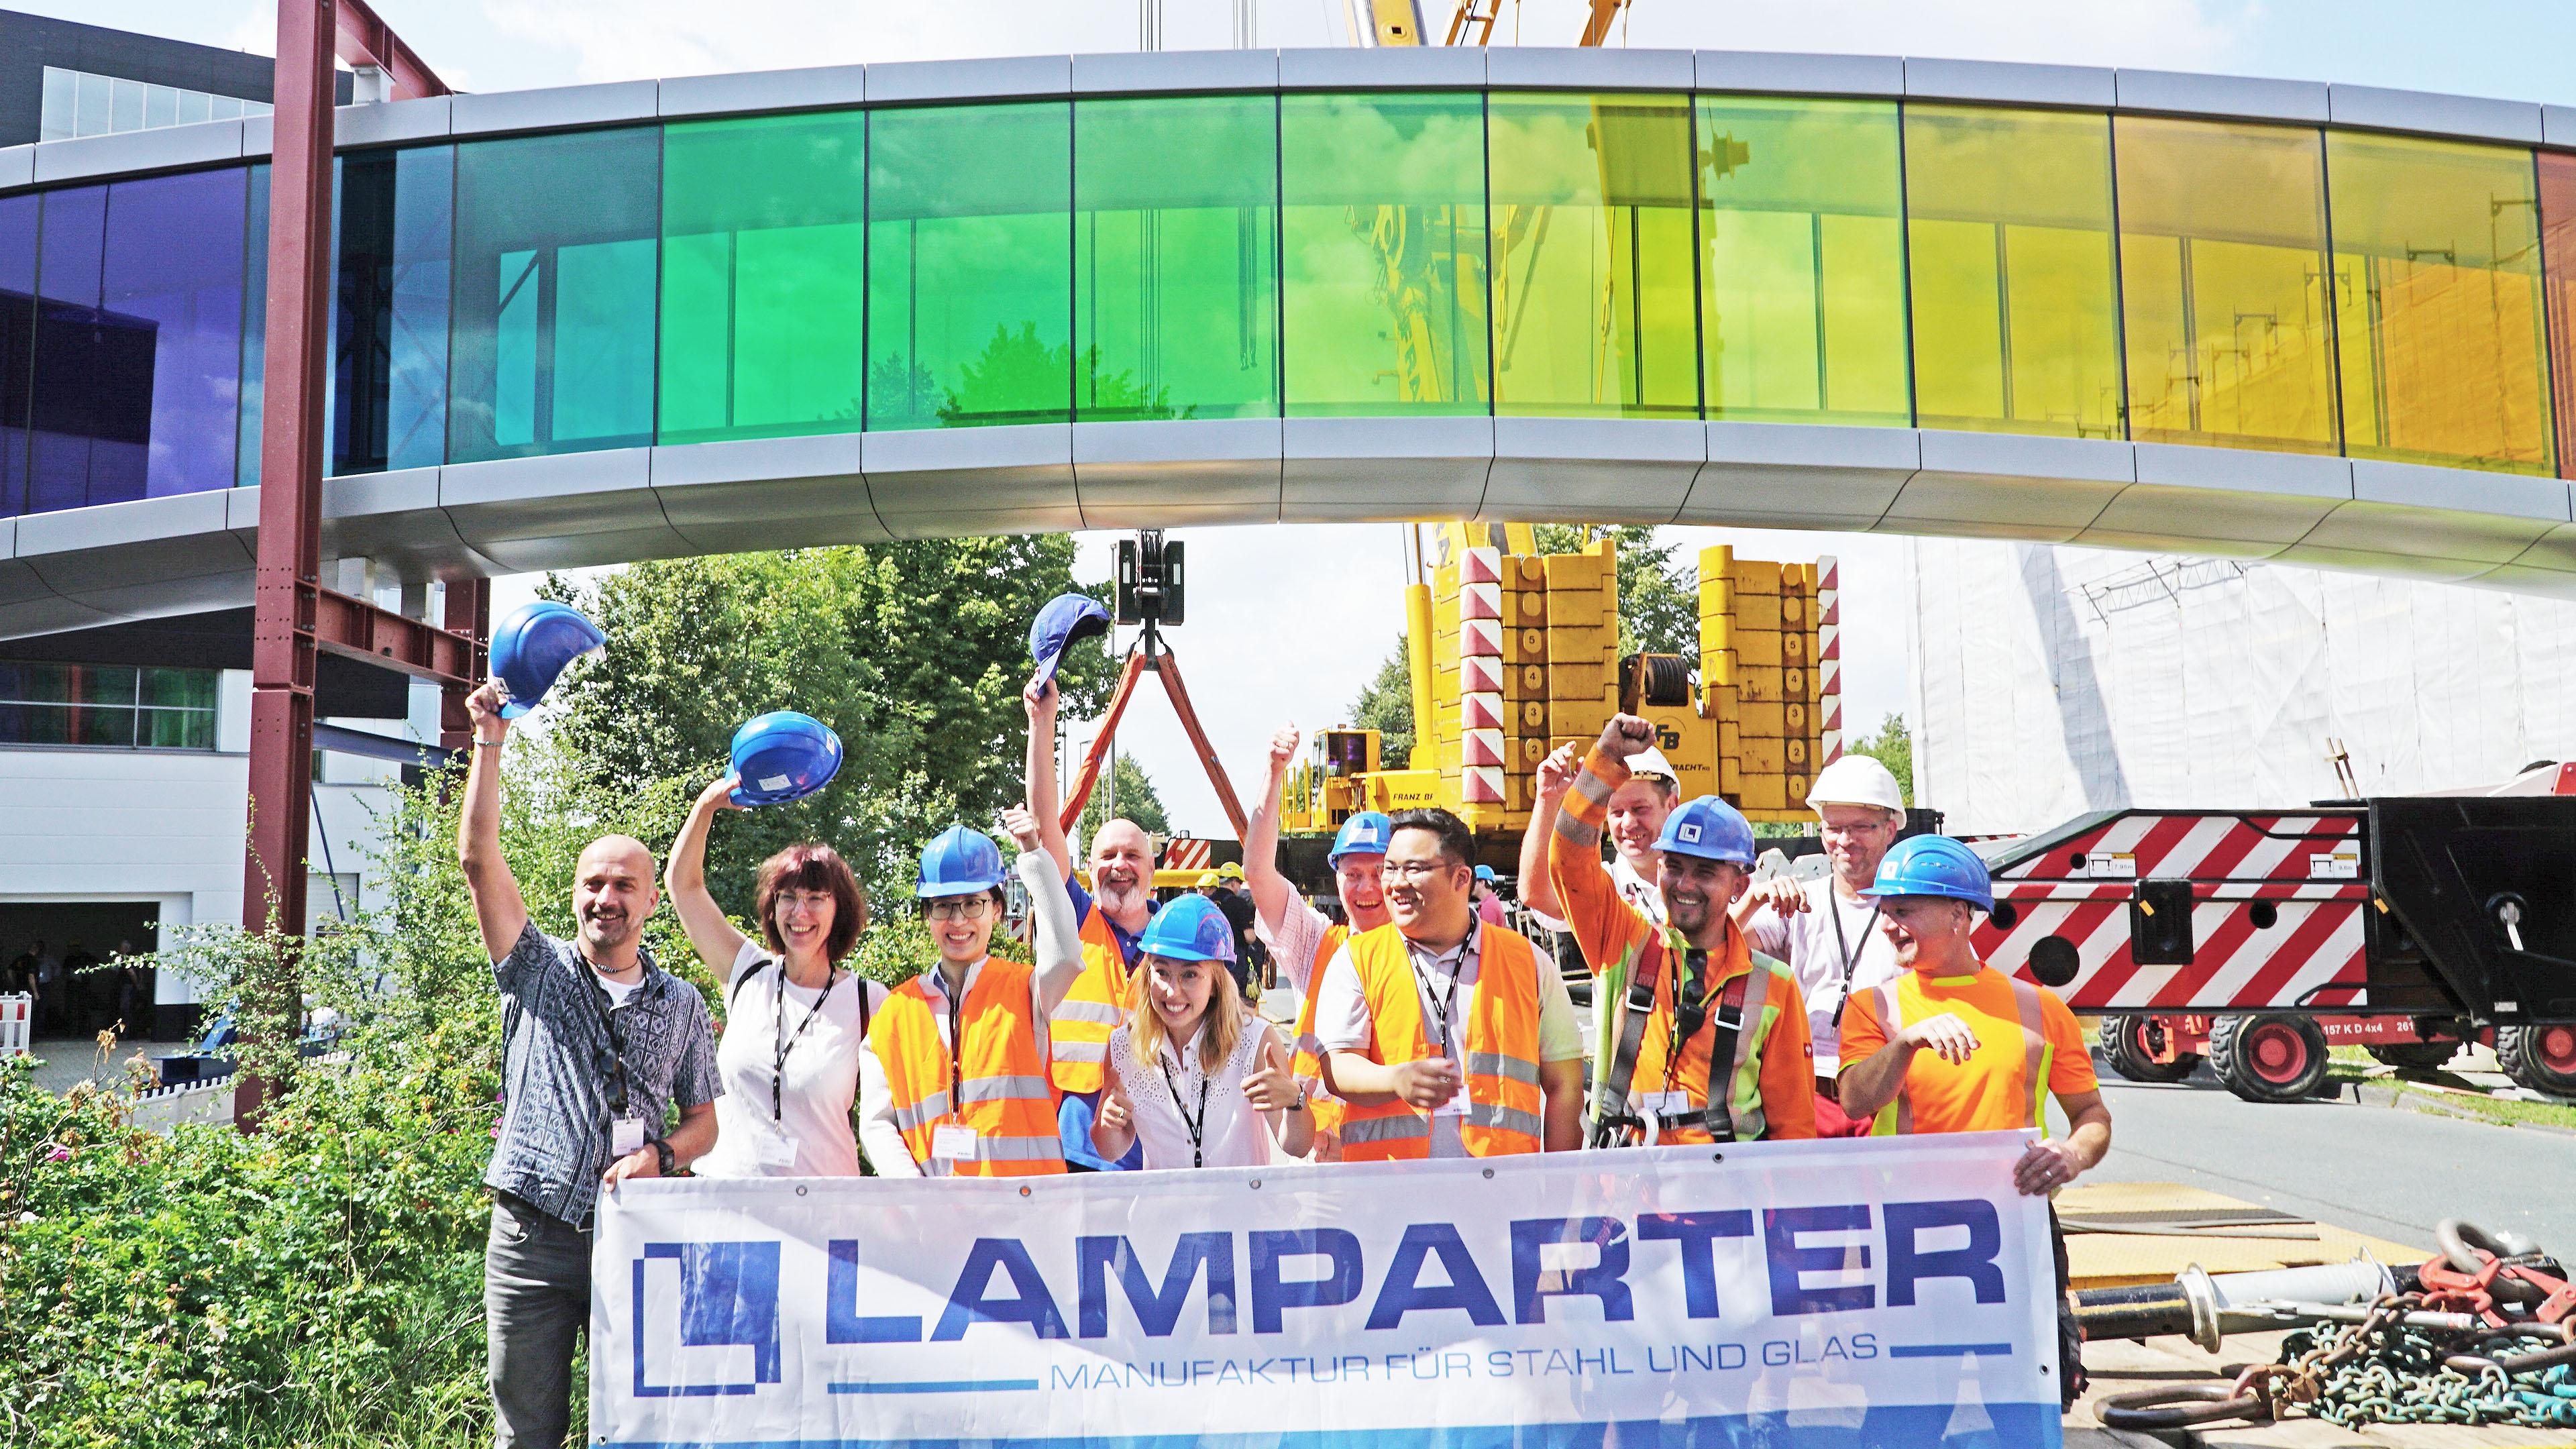 Team Lamparter